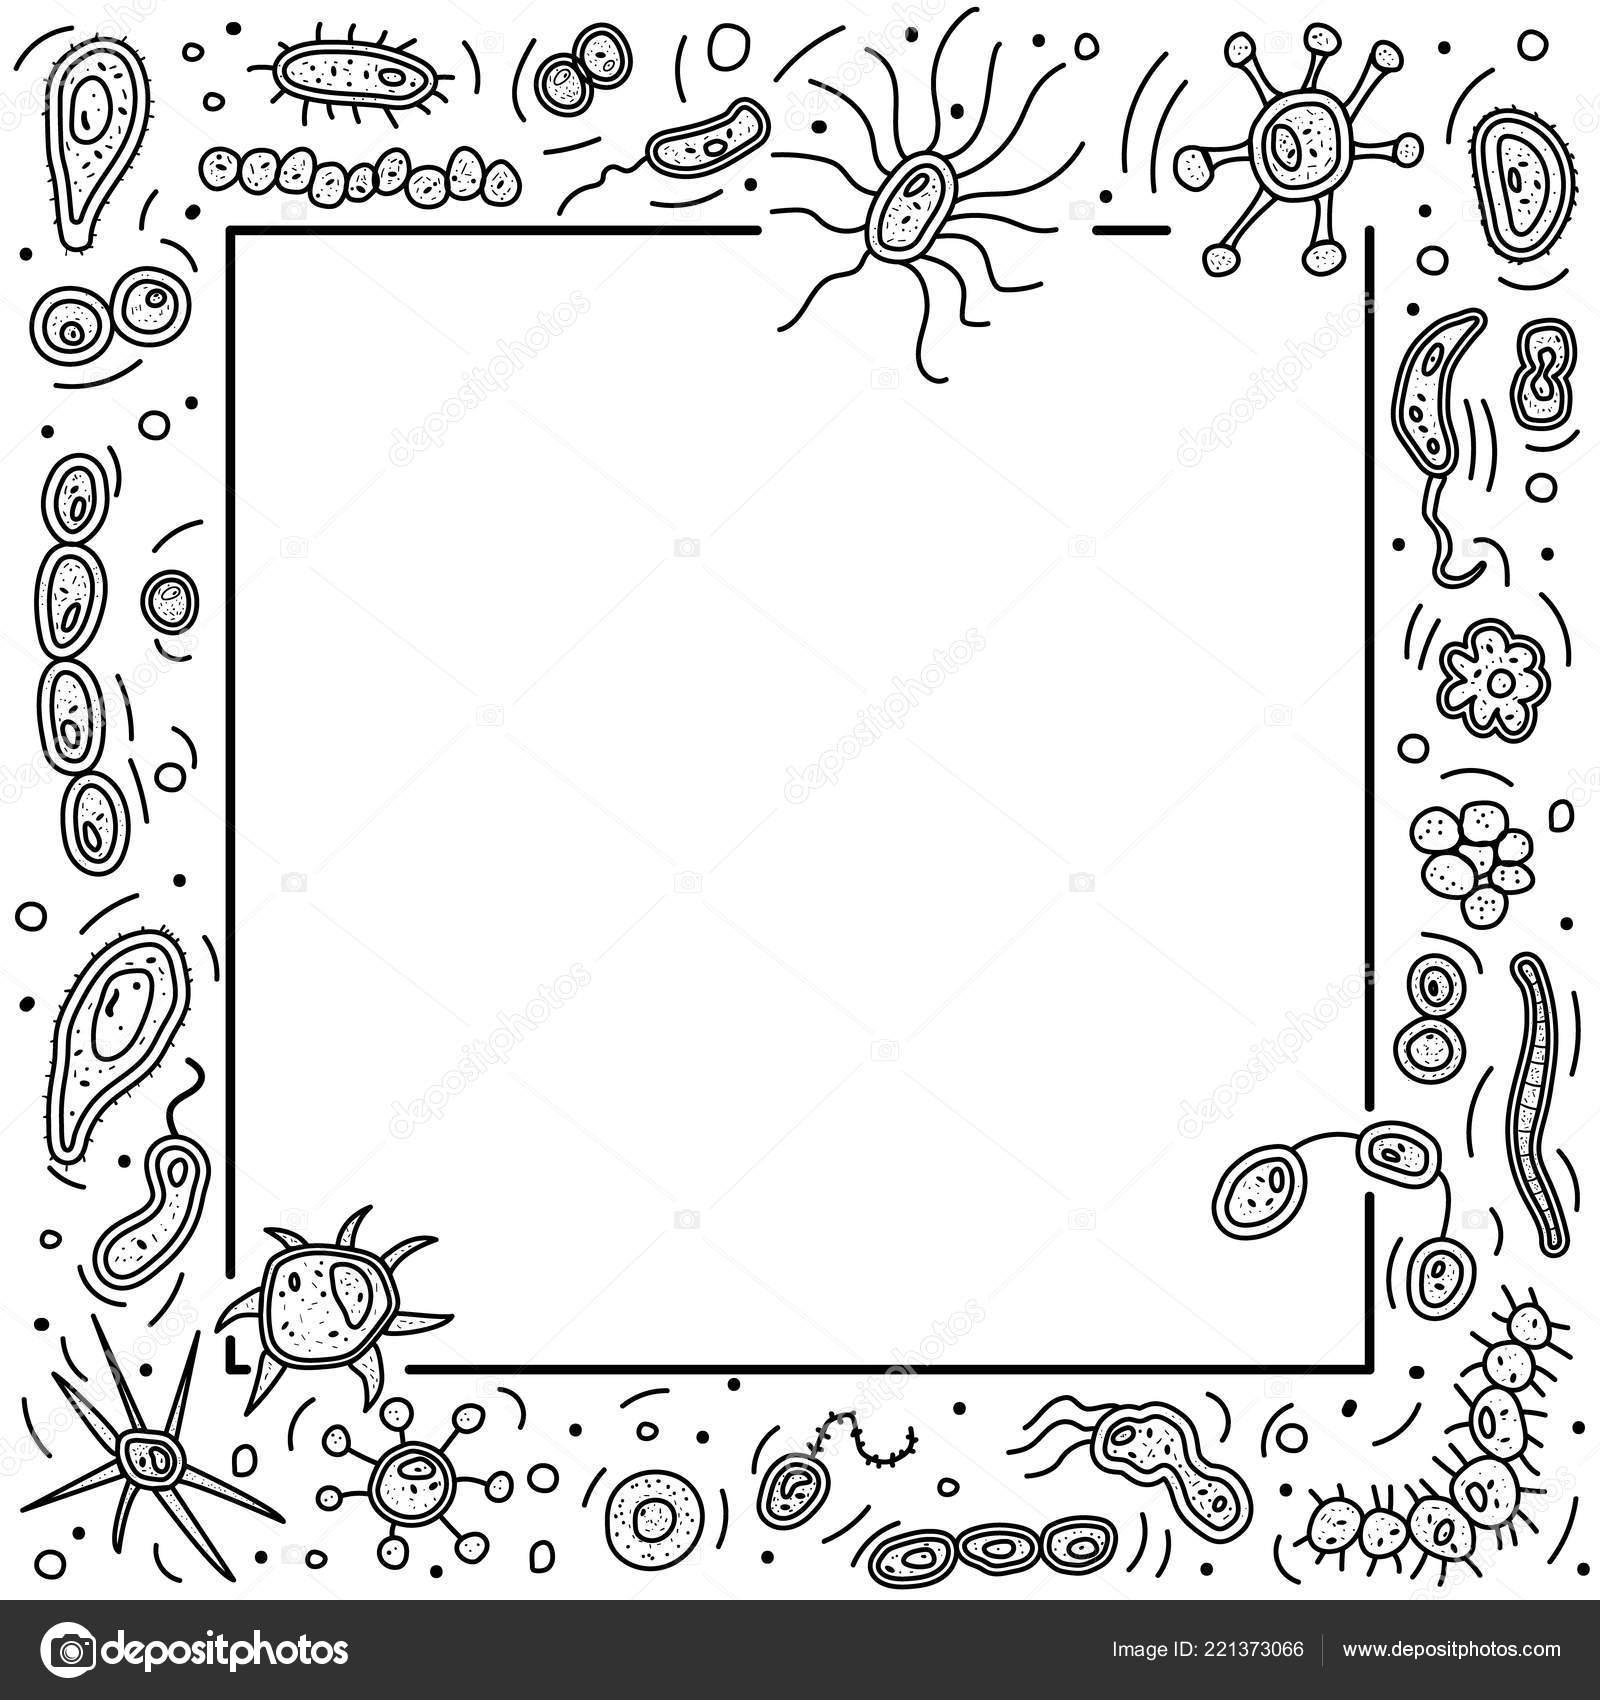 Células de bactérias definir a composição. Ilustração